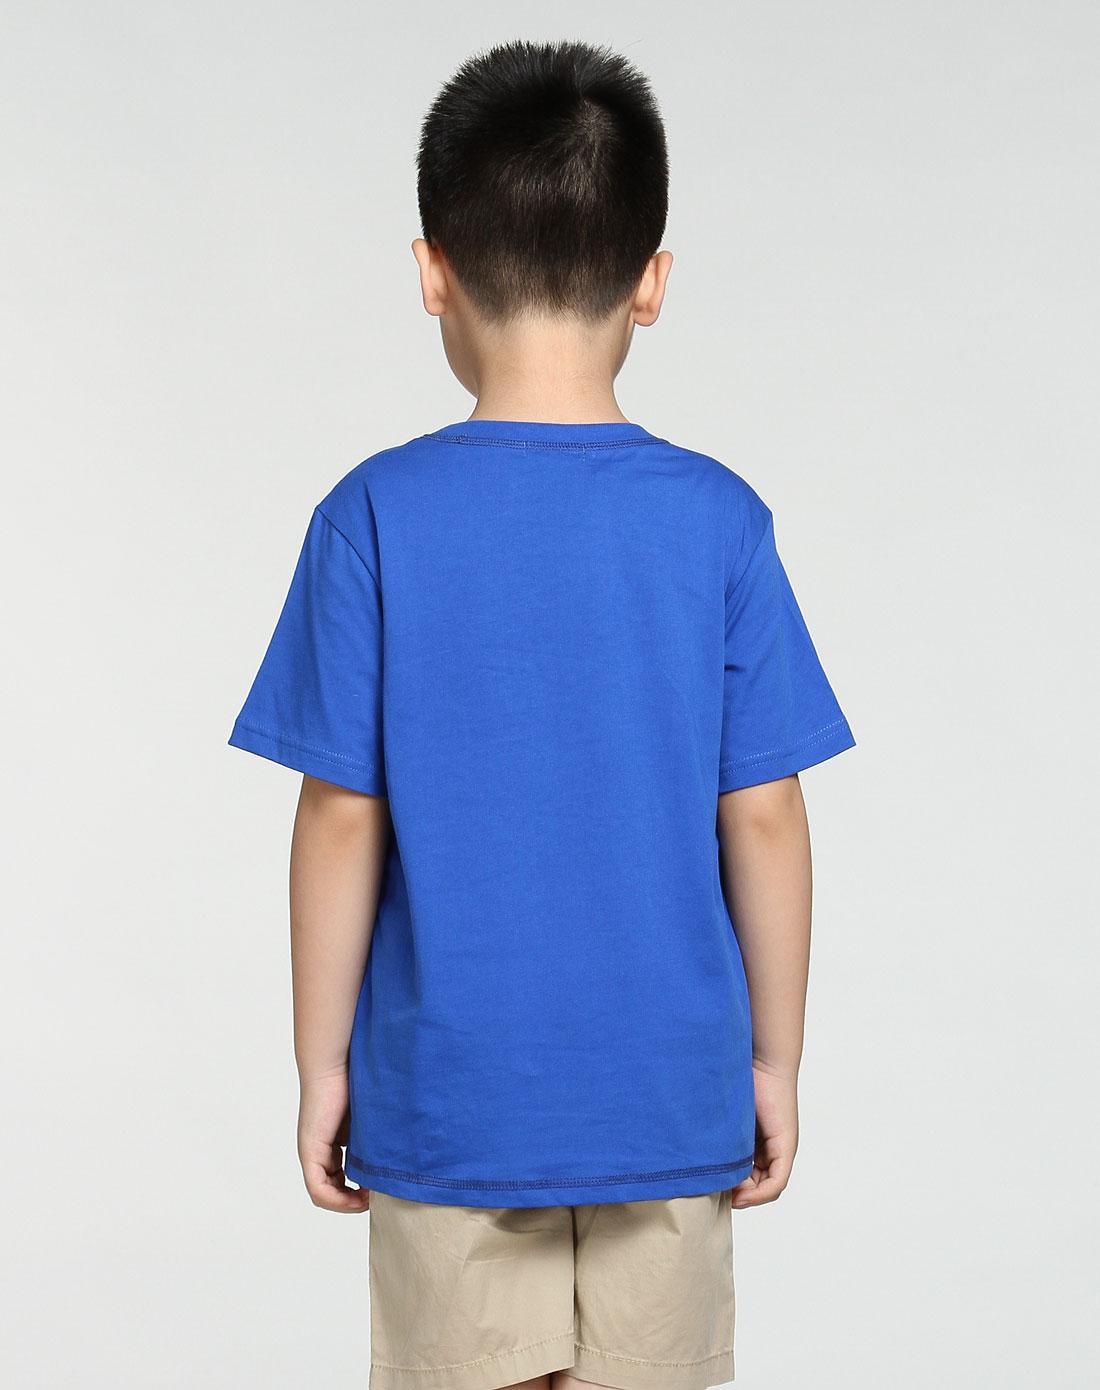 男童深蓝色线纹印图短袖t恤